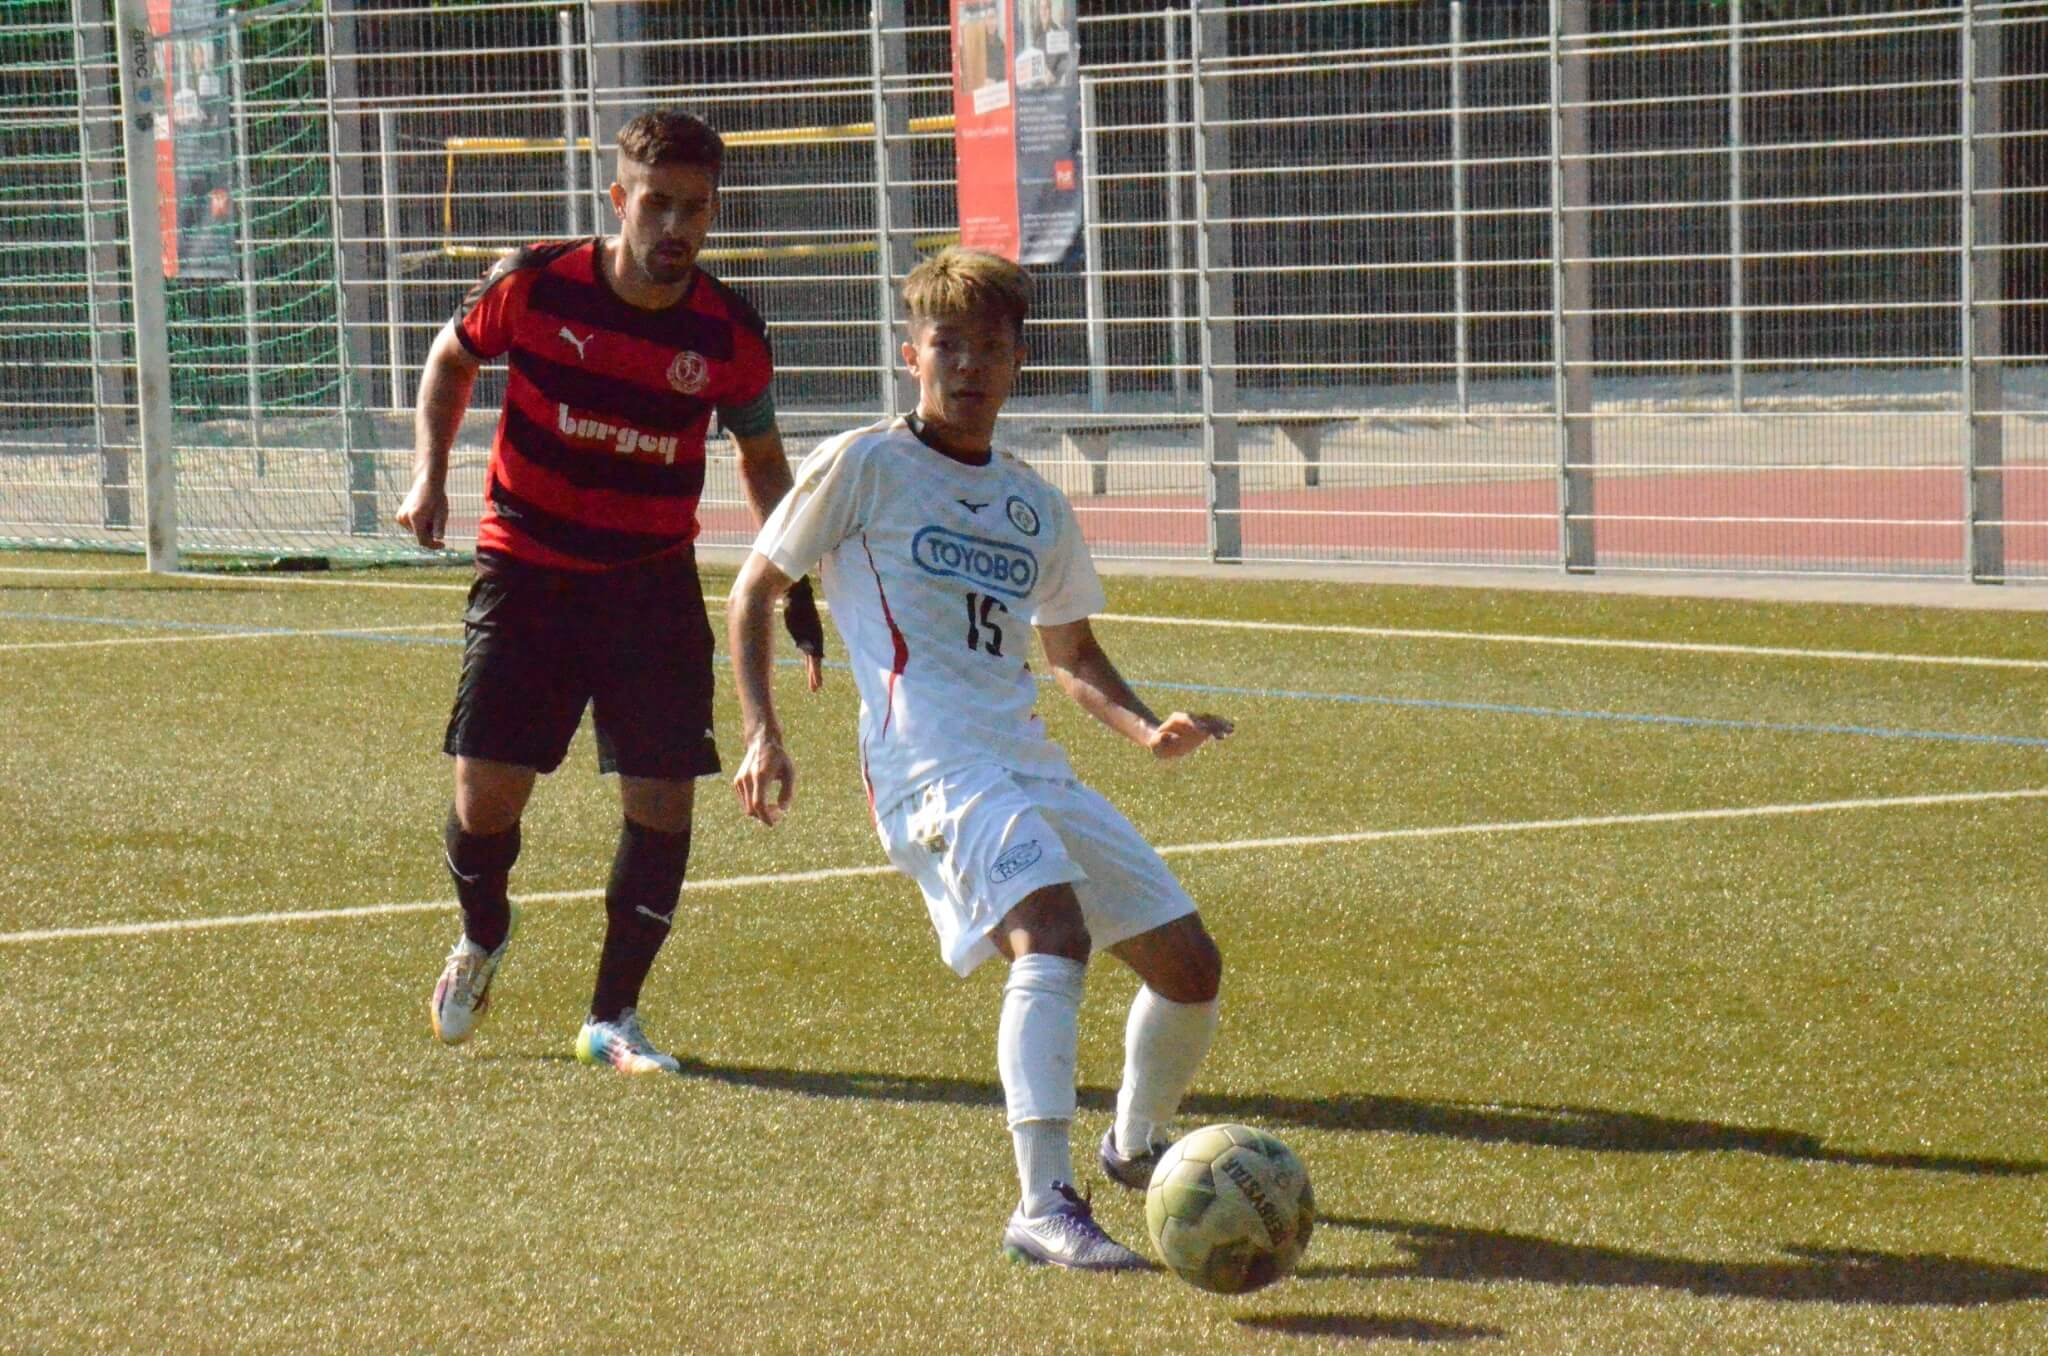 ドイツアマチュアリーグにブラジルチーム!「TuS Rüssingen」